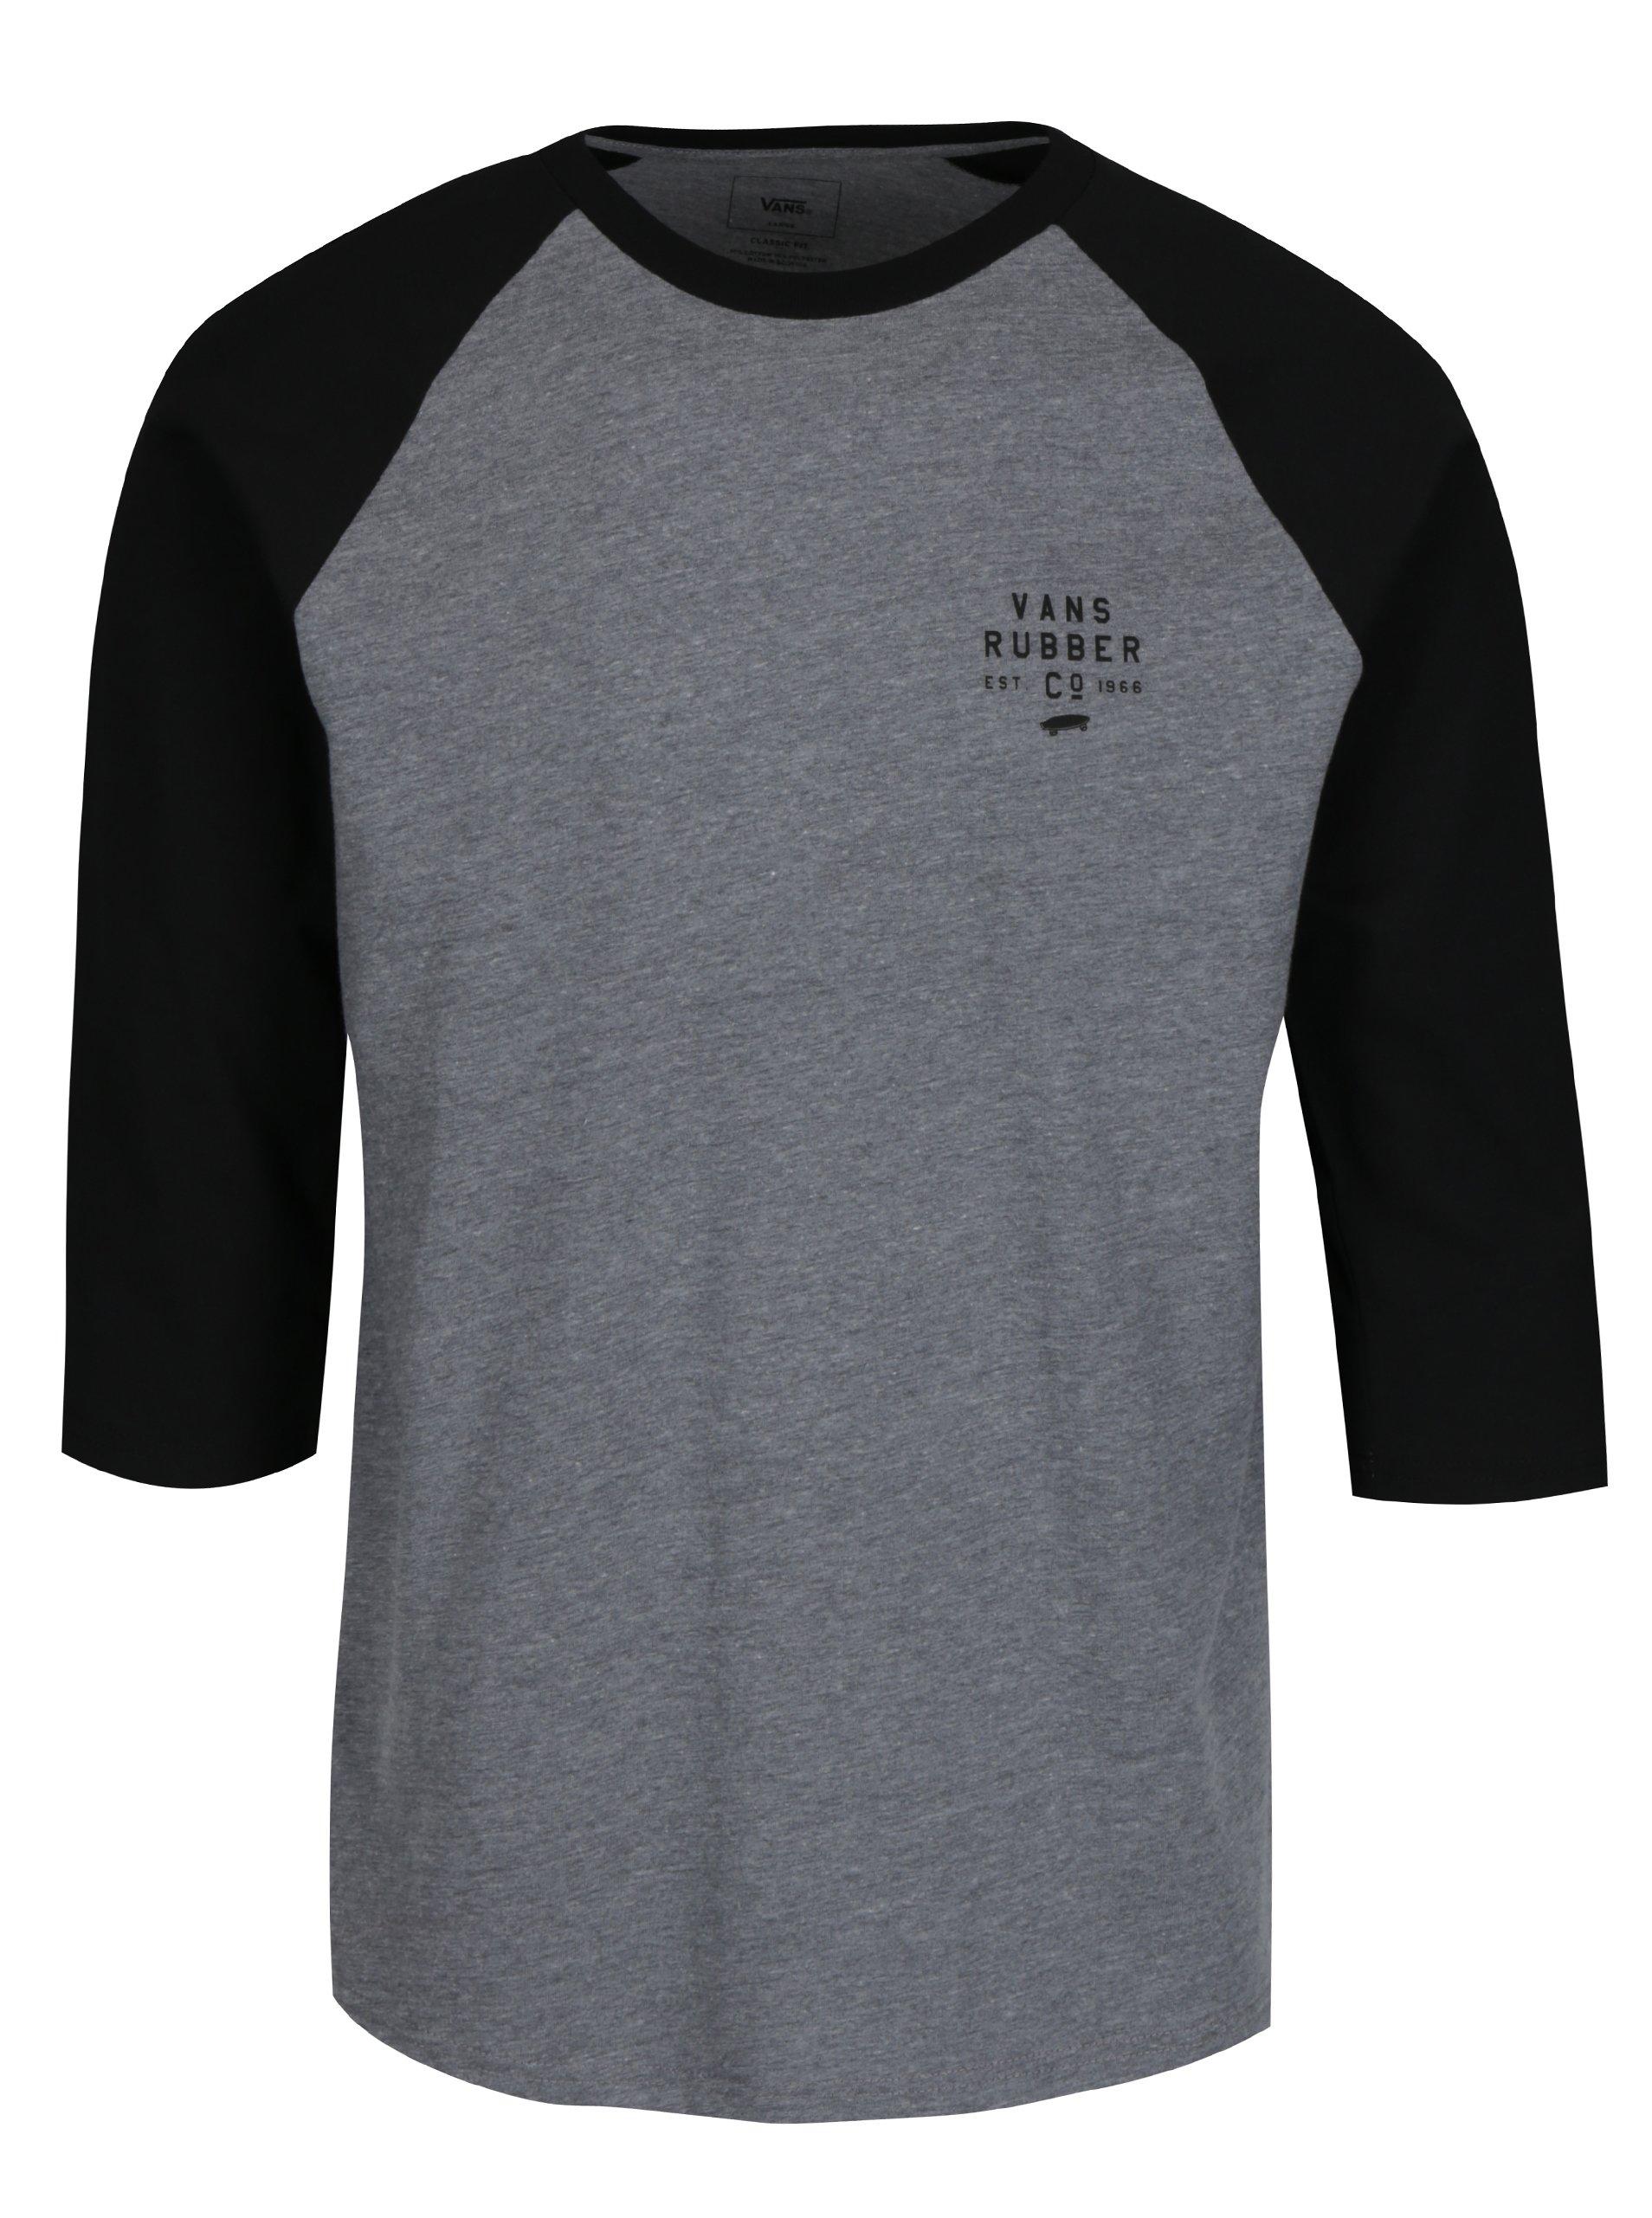 94ad5539d64 Čierno-sivé pánske melírované tričko s potlačou VANS Stacked Rubber